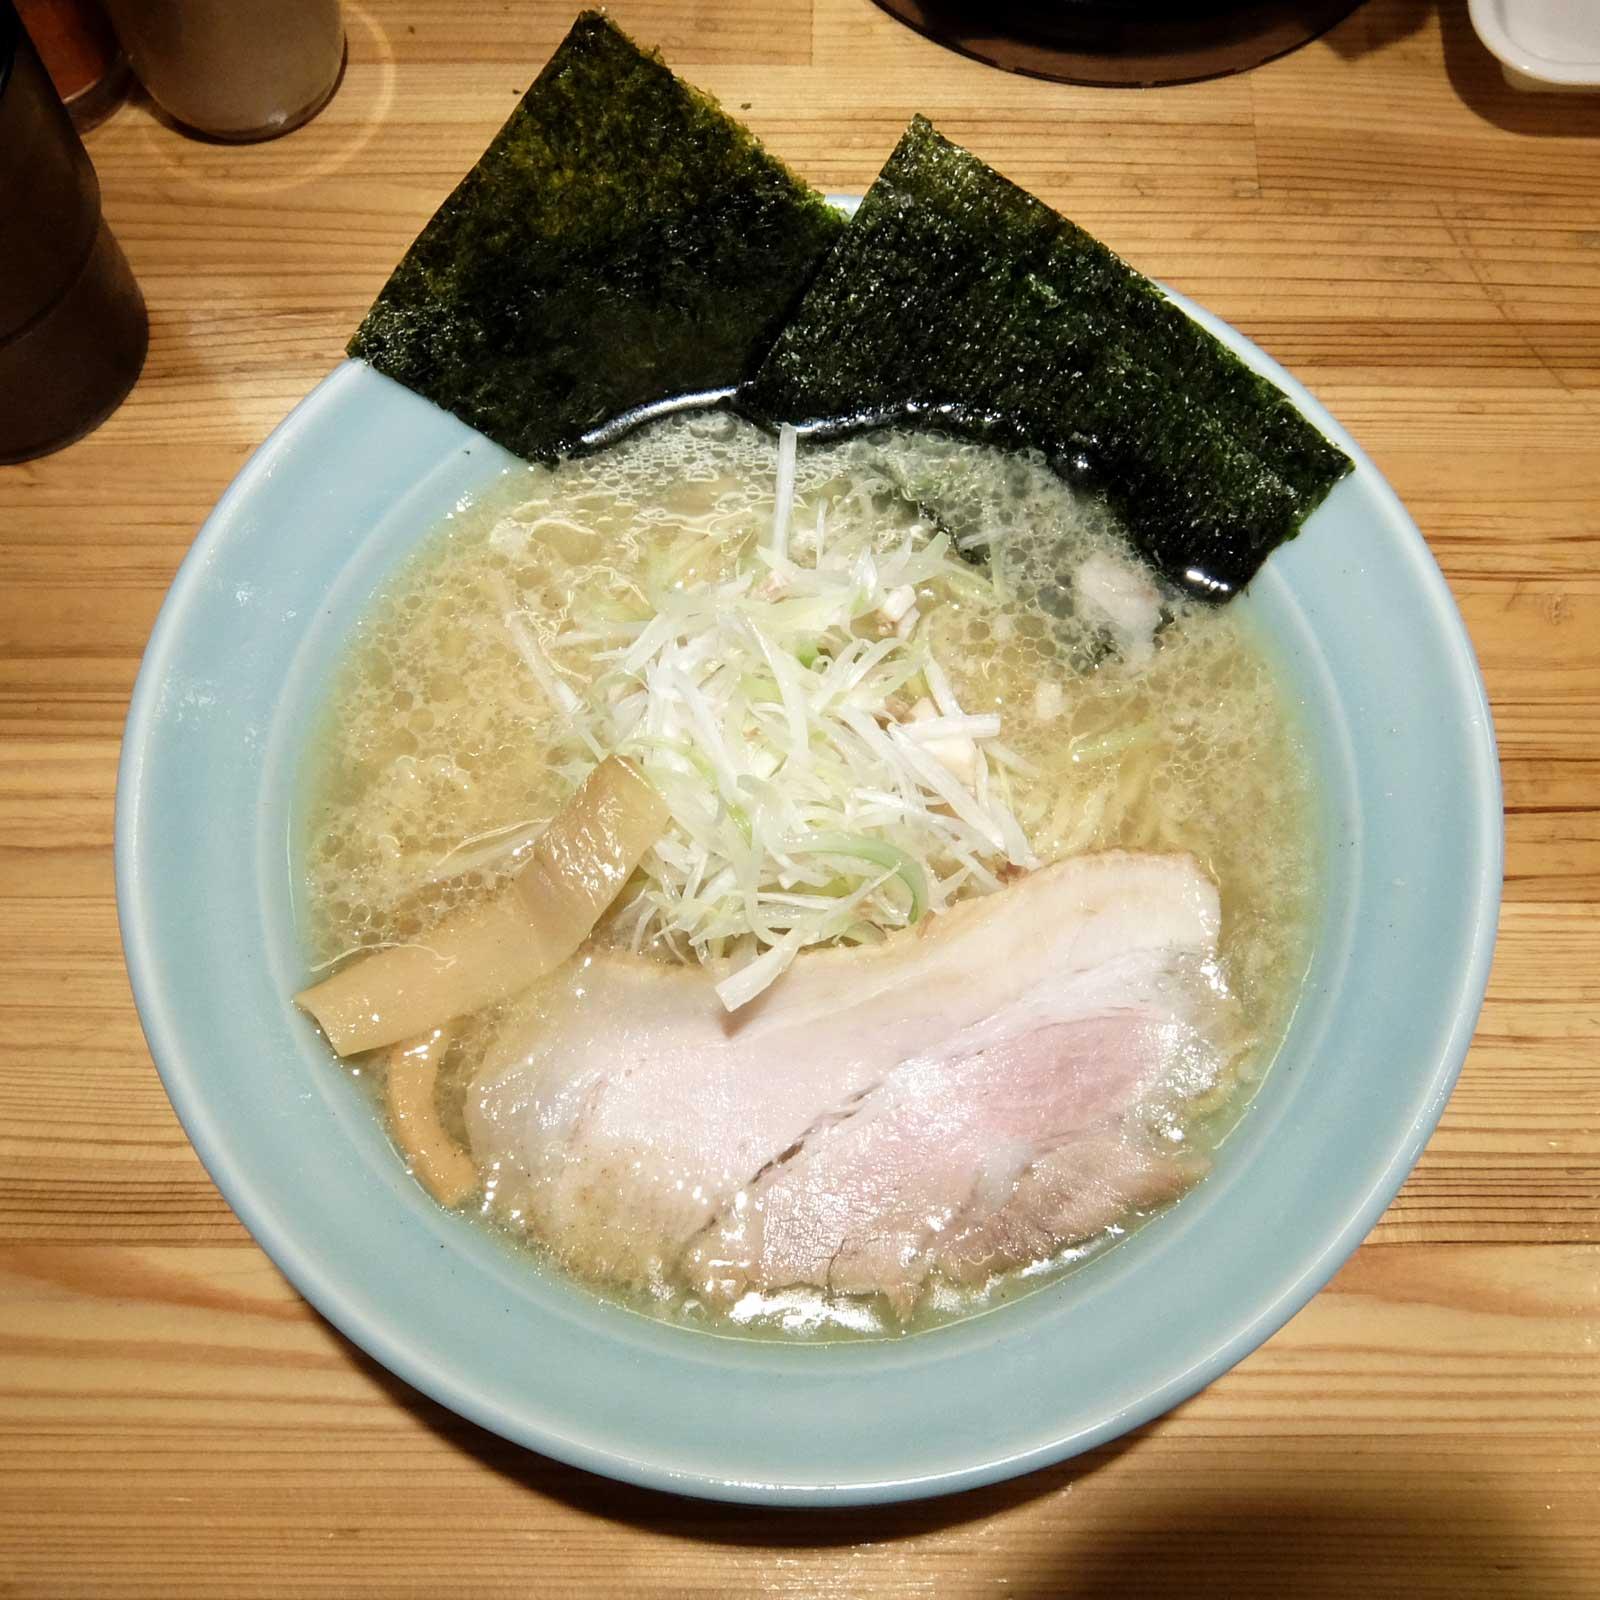 麺と出汁が絡むとき 絡むネギラーメン 大阪駅前第2ビル 梅田 大阪